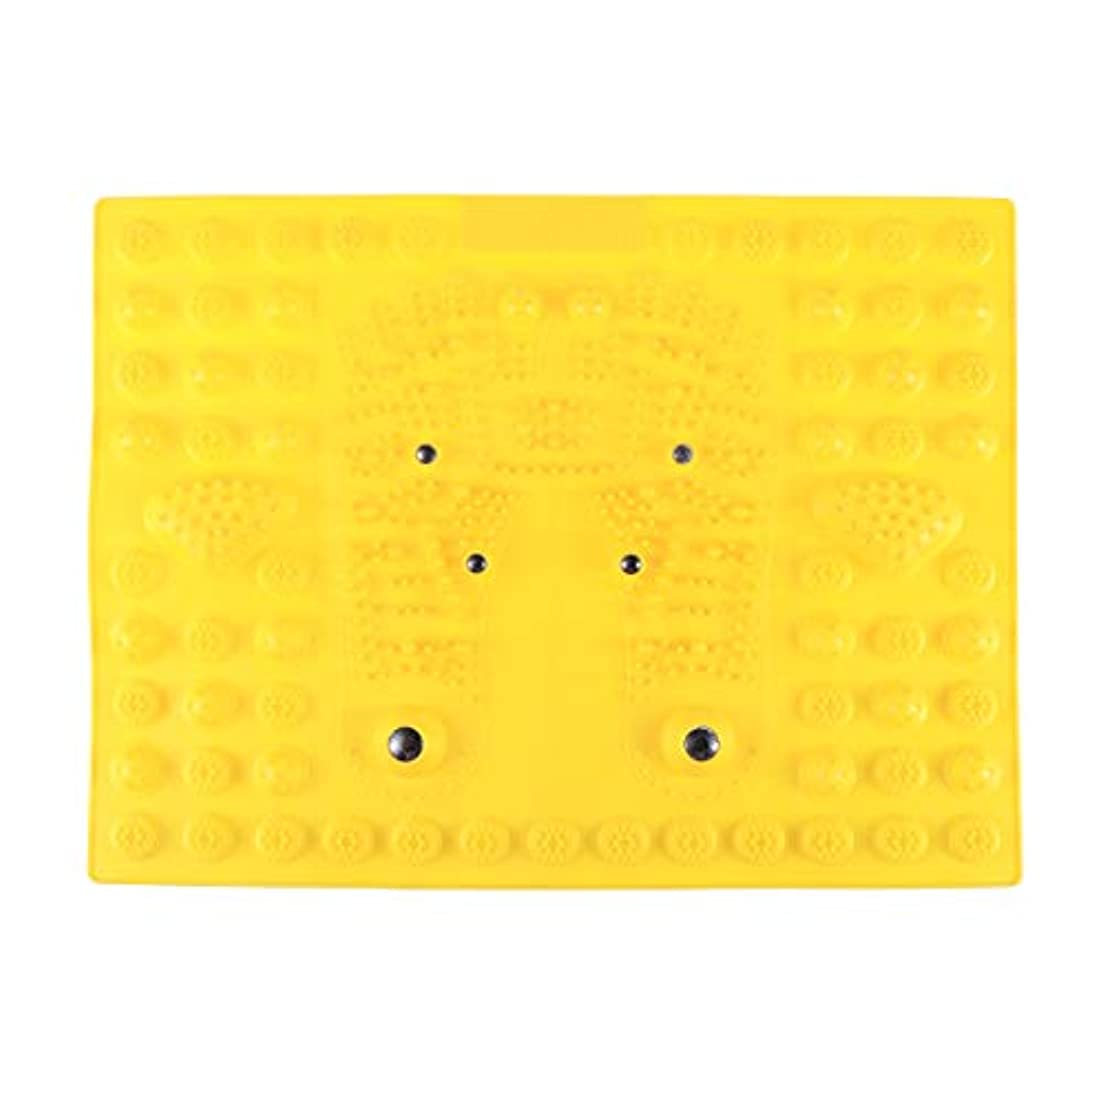 パフクラフト散逸SUPVOX フットマッサージマット指圧リラクゼーションリフレクソロジーマット磁気療法フィートマット(イエロー)